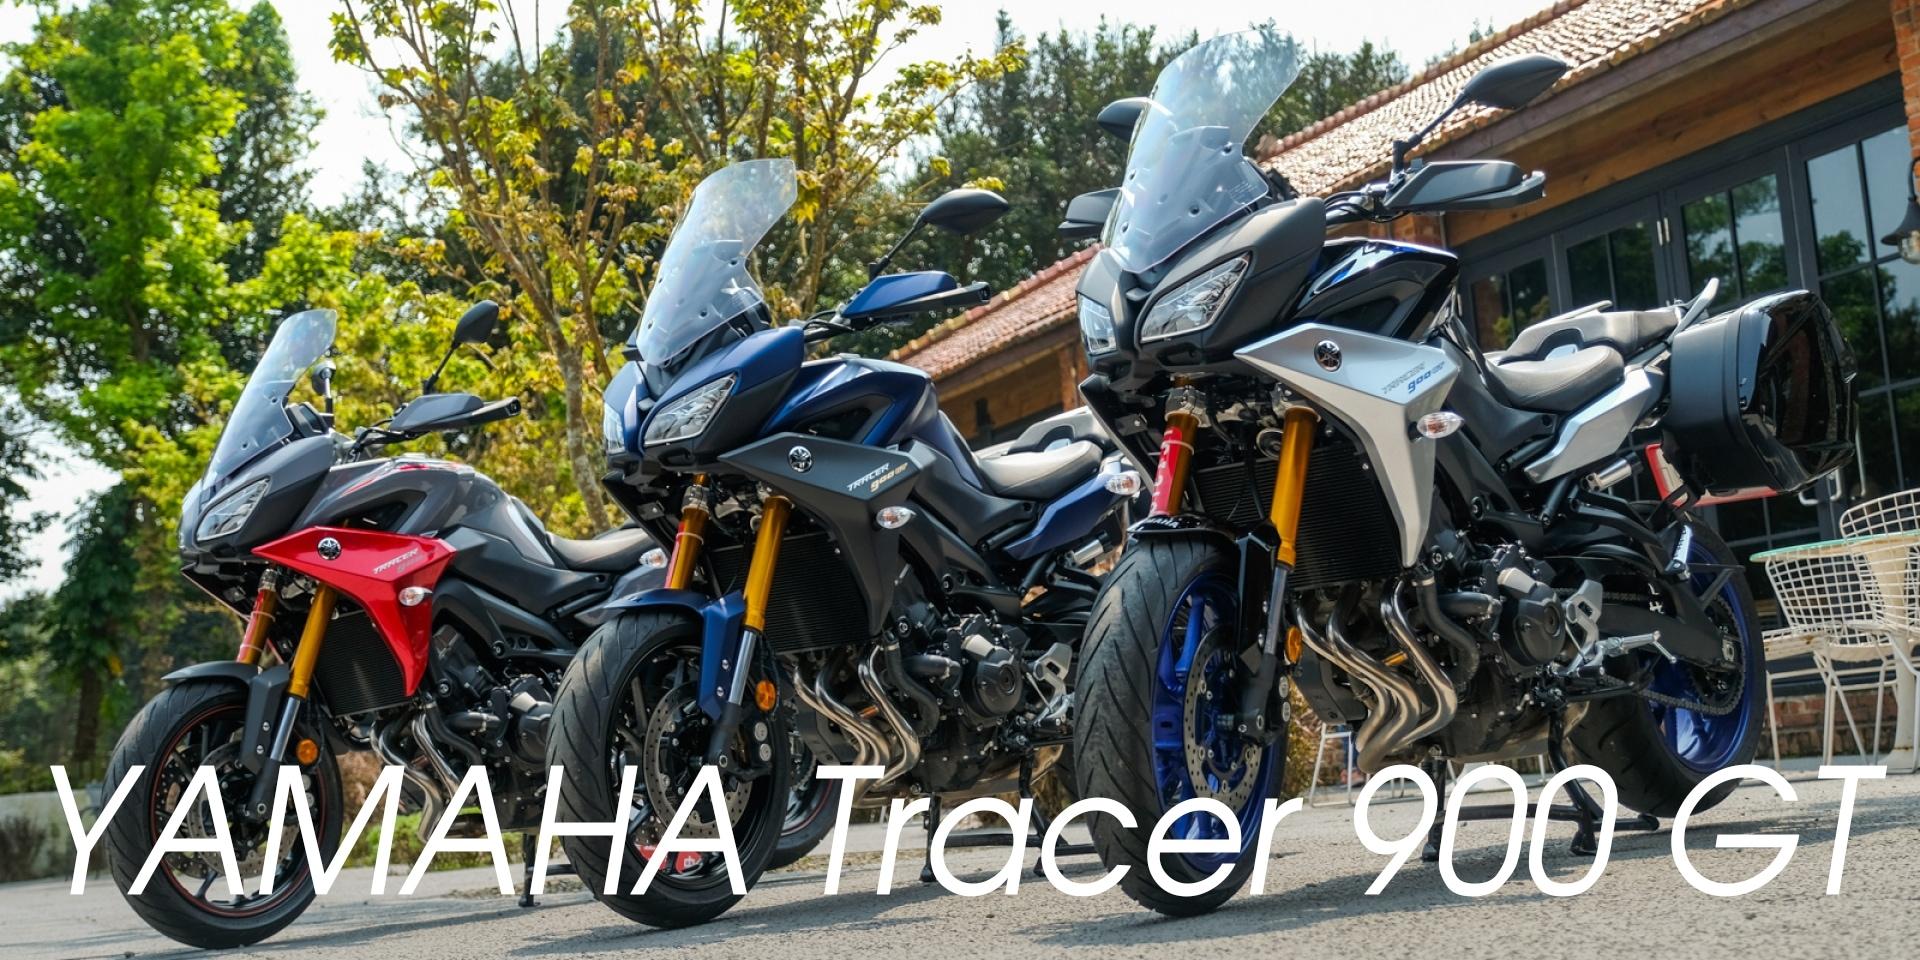 三缸頂級跑旅49萬8起。YAMAHA Tracer 900 GT上市發表會!